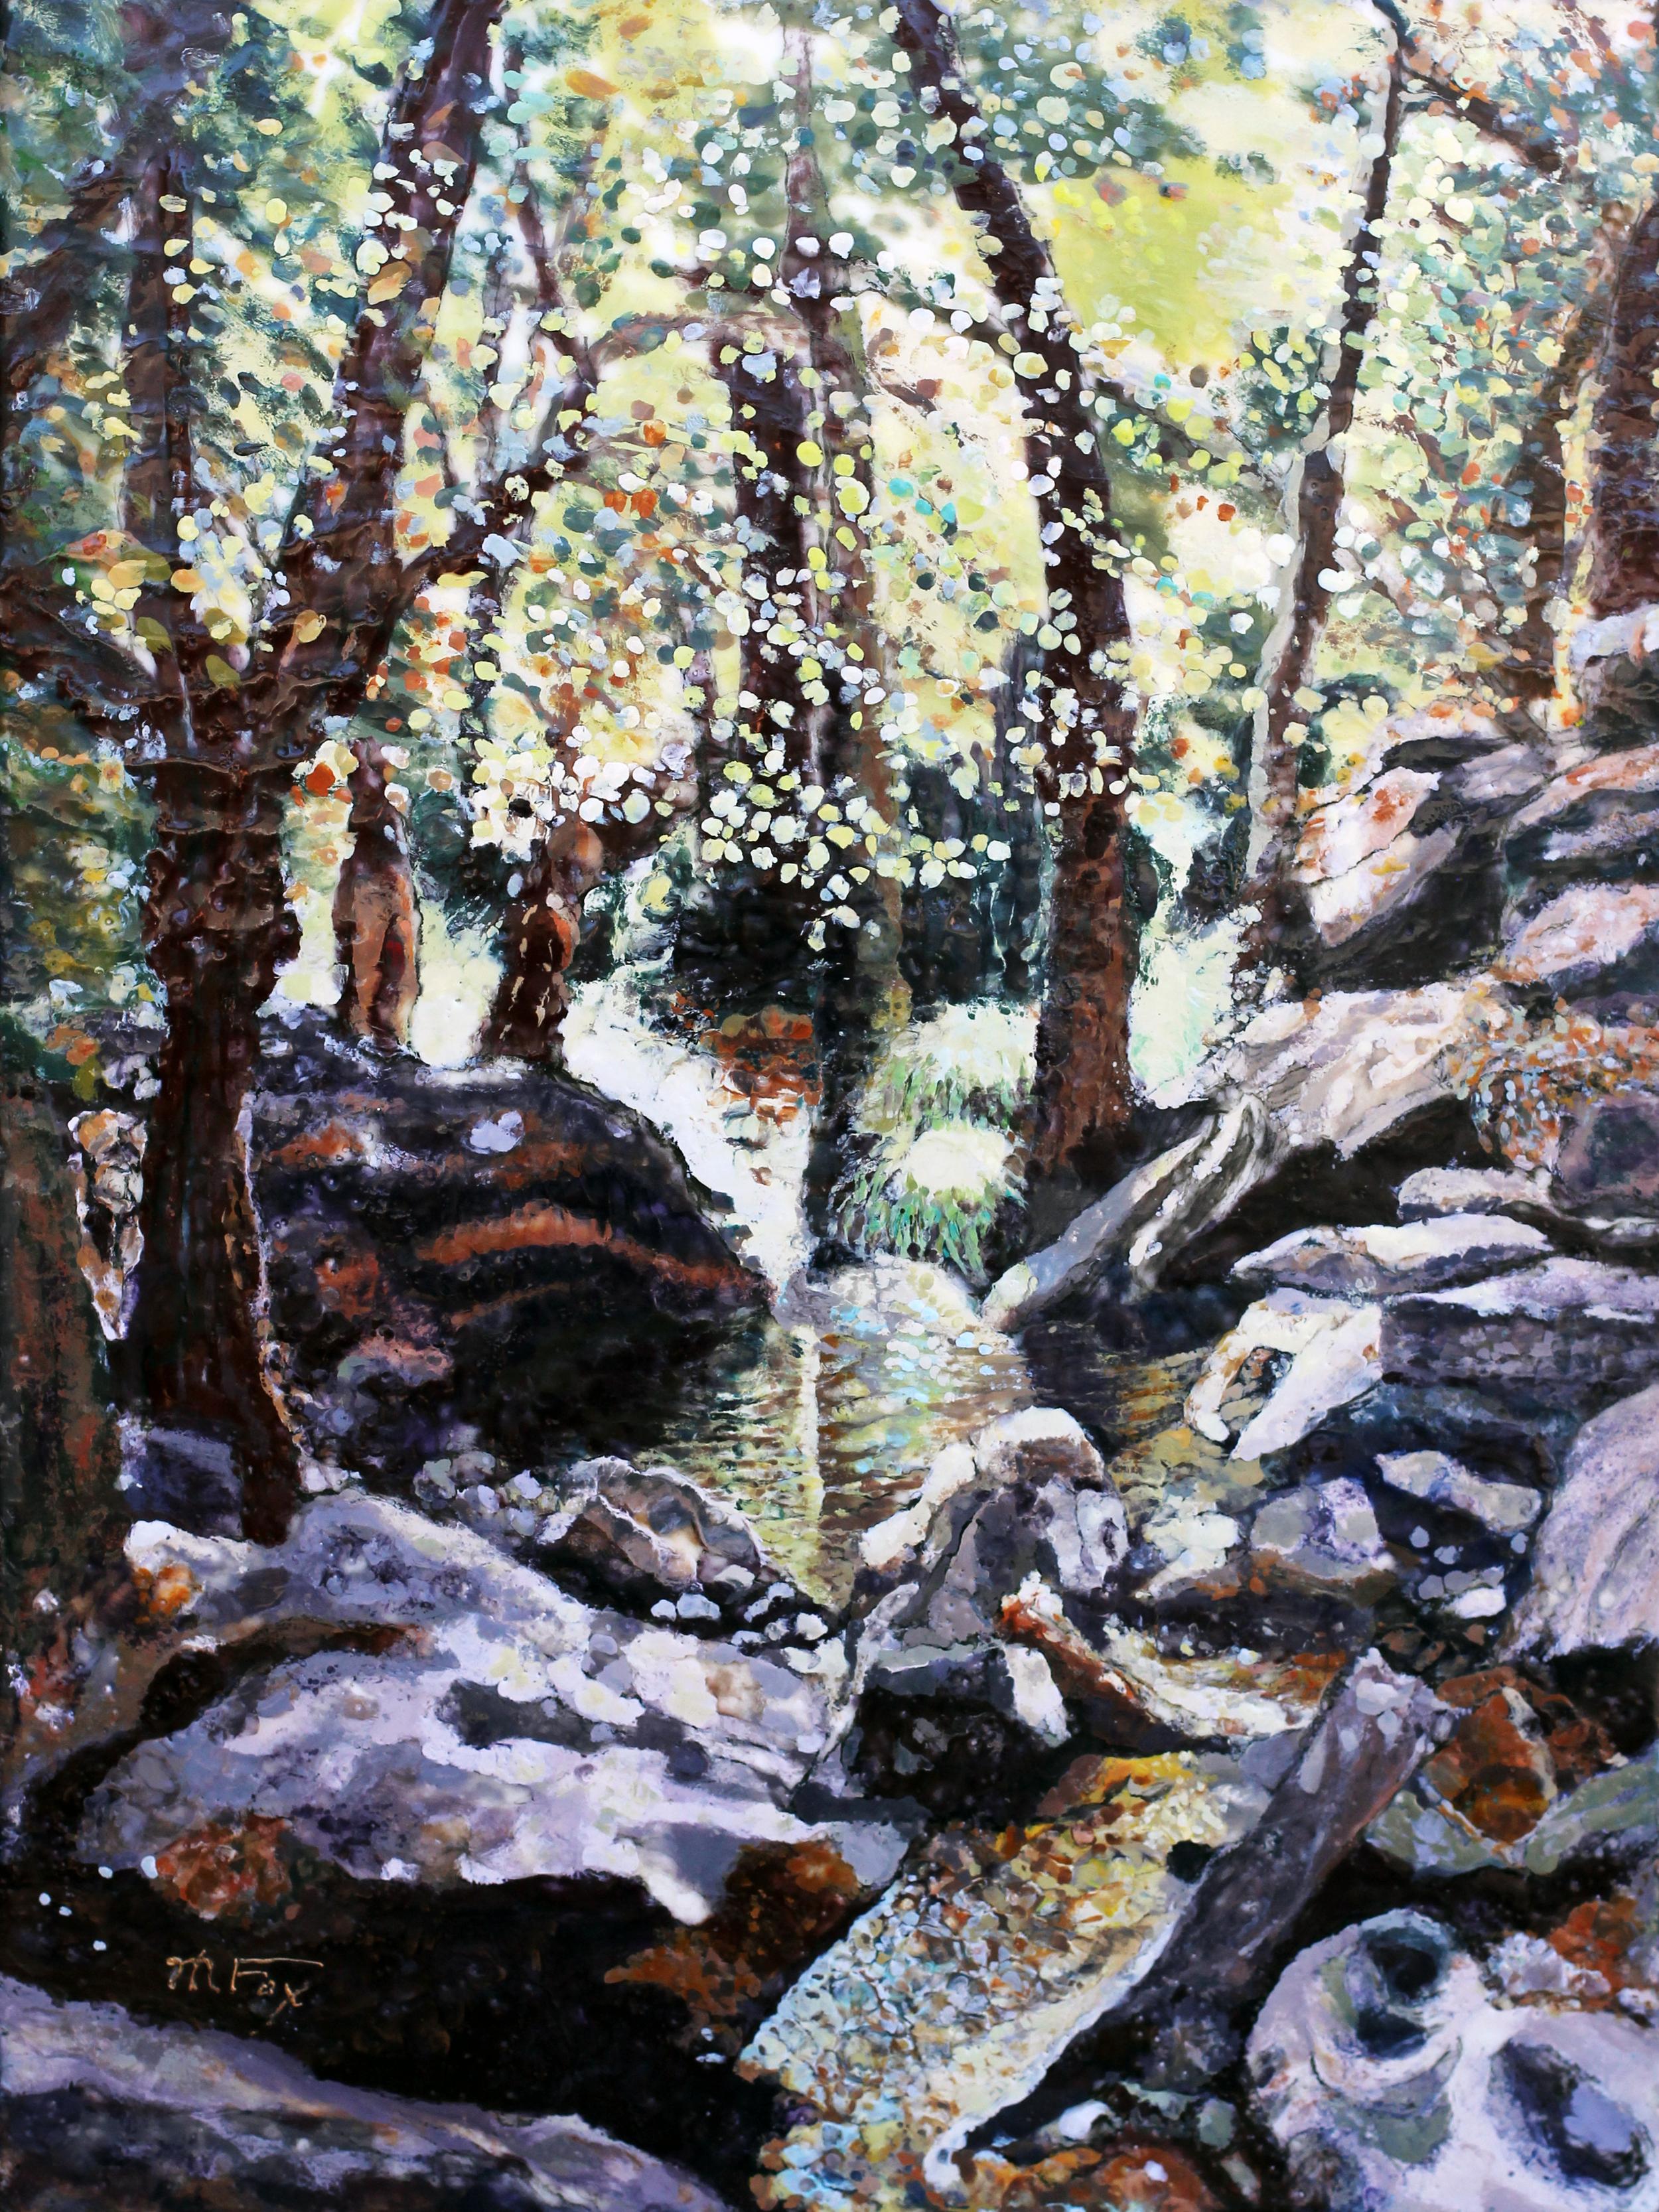 Ventana Creek